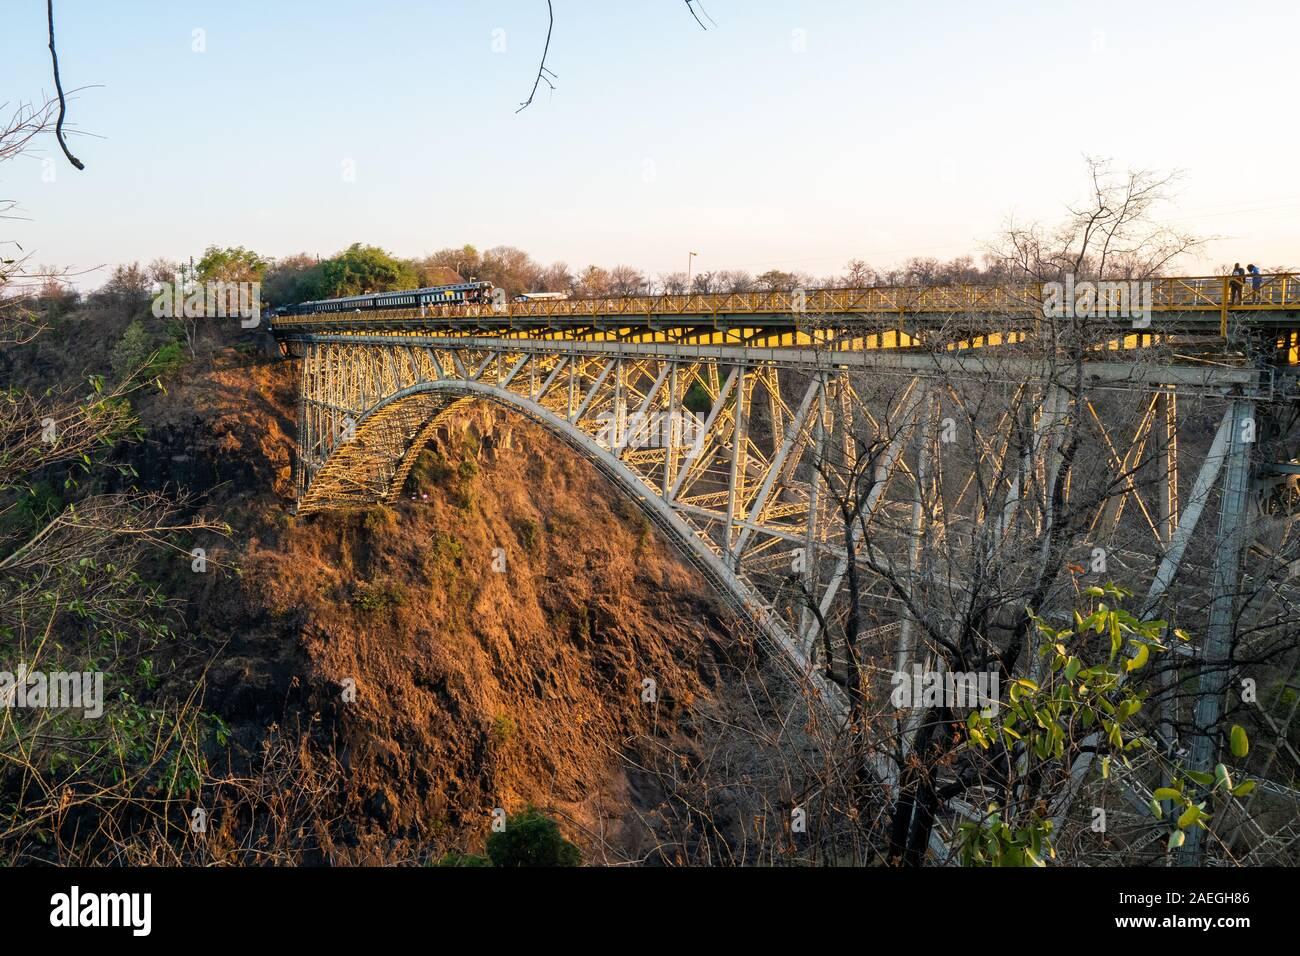 La Victoria Falls Bridge segna il confine tra Zambia e Zimbabwe in Africa australe Foto Stock